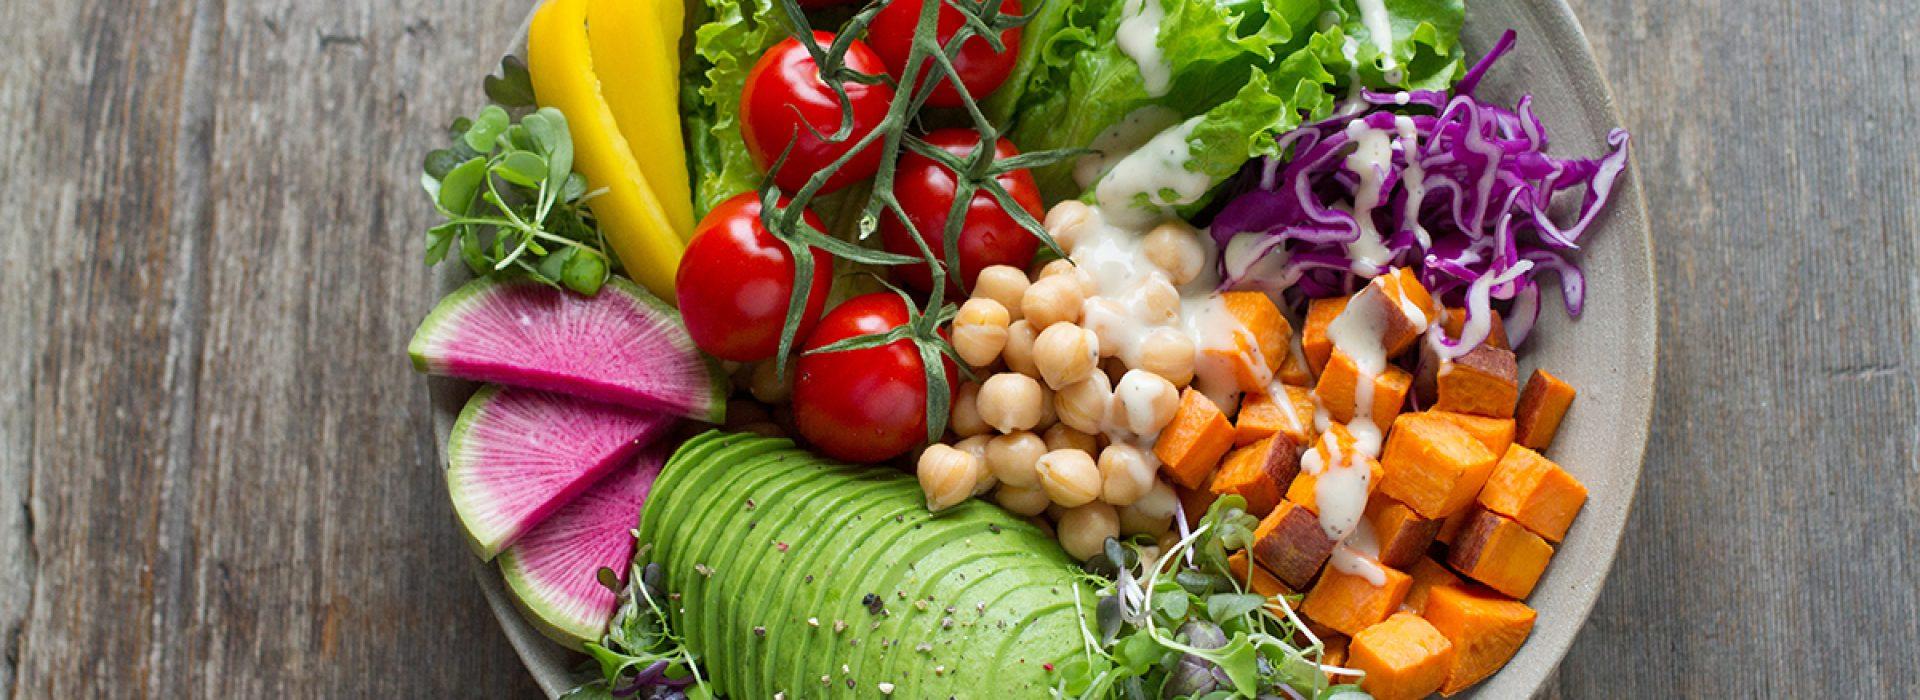 alimentos-nutraceuticos